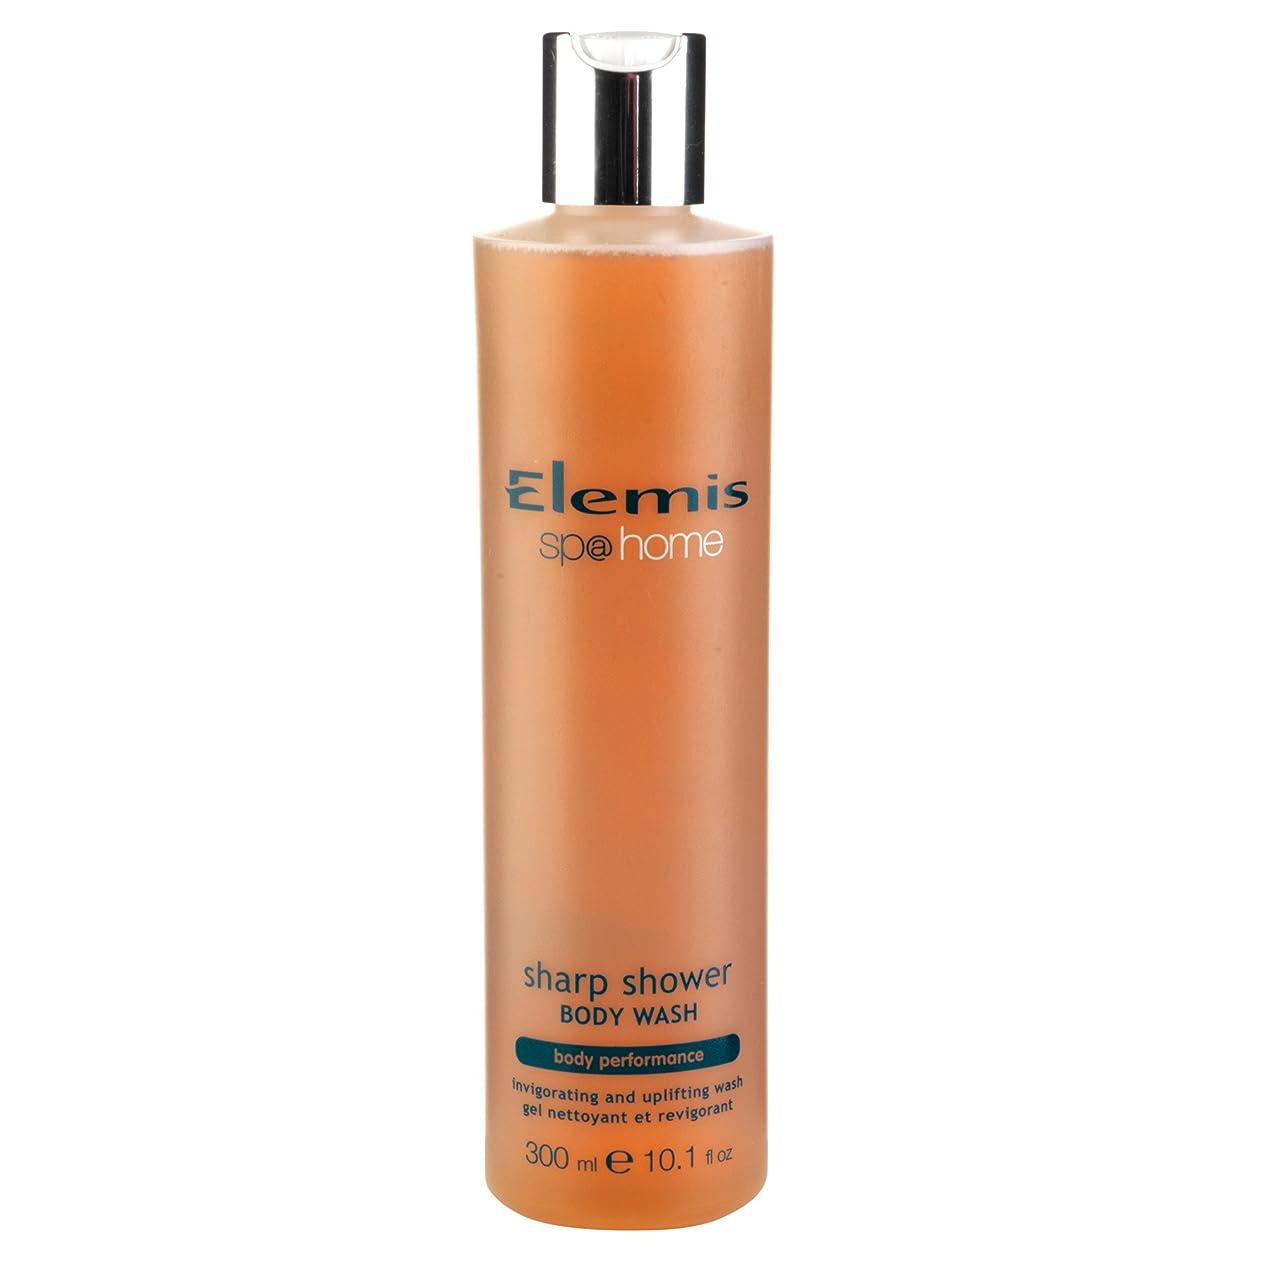 買い物に行く寛容な振る舞いエレミスシャープシャワーボディウォッシュ300ミリリットル (Elemis) (x2) - Elemis Sharp Shower Body Wash 300ml (Pack of 2) [並行輸入品]